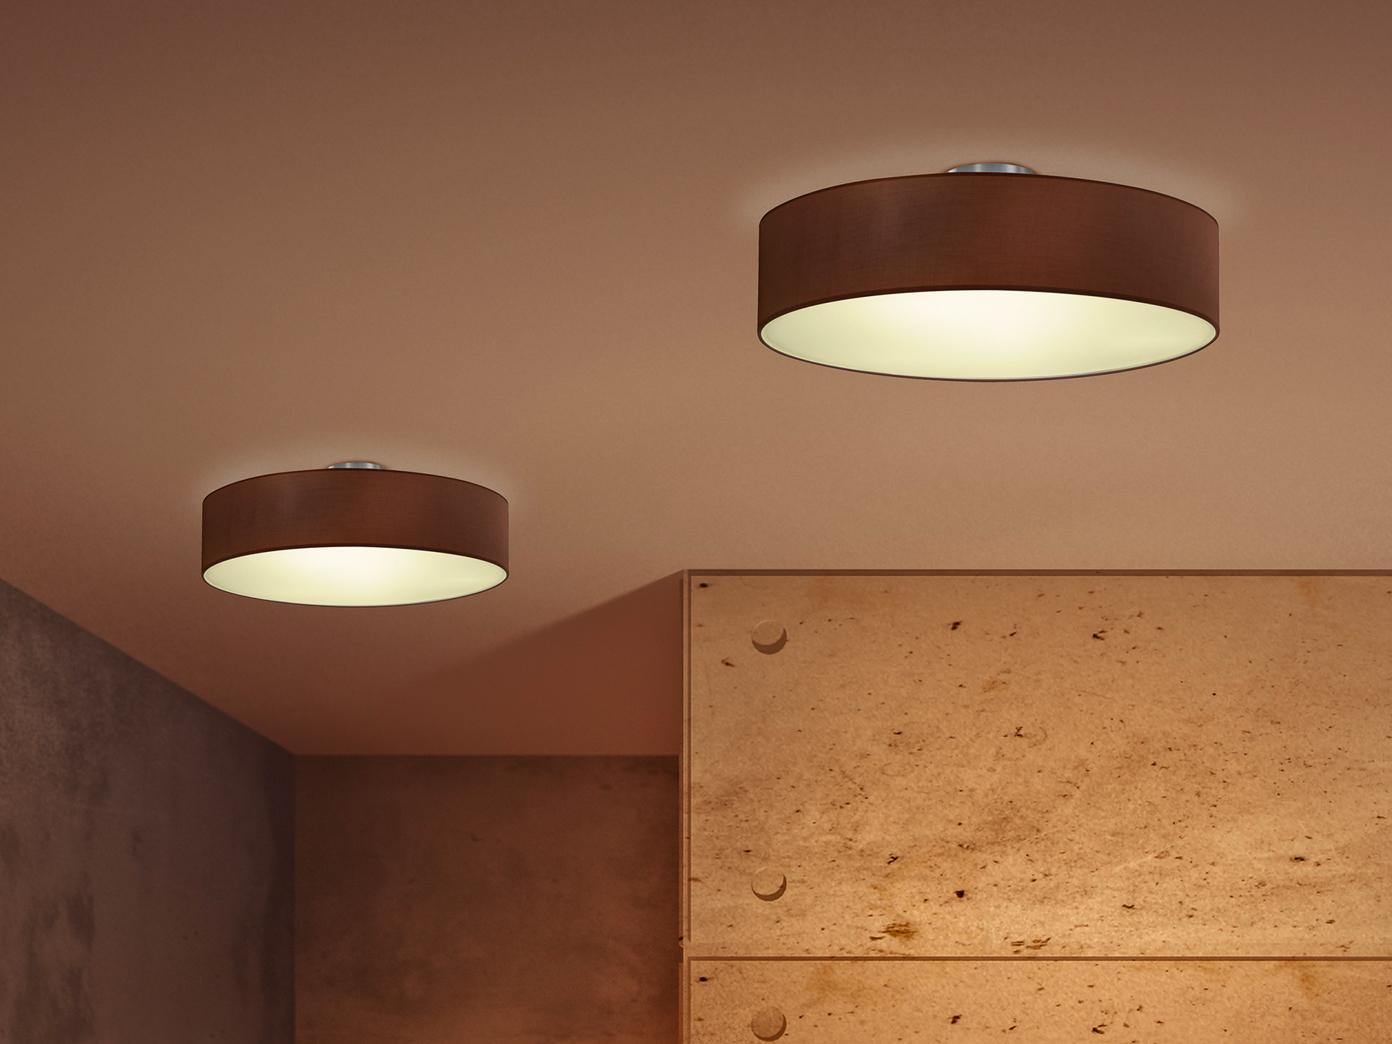 trio design deckenleuchte rund 50cm stoff schirm braun 3x. Black Bedroom Furniture Sets. Home Design Ideas